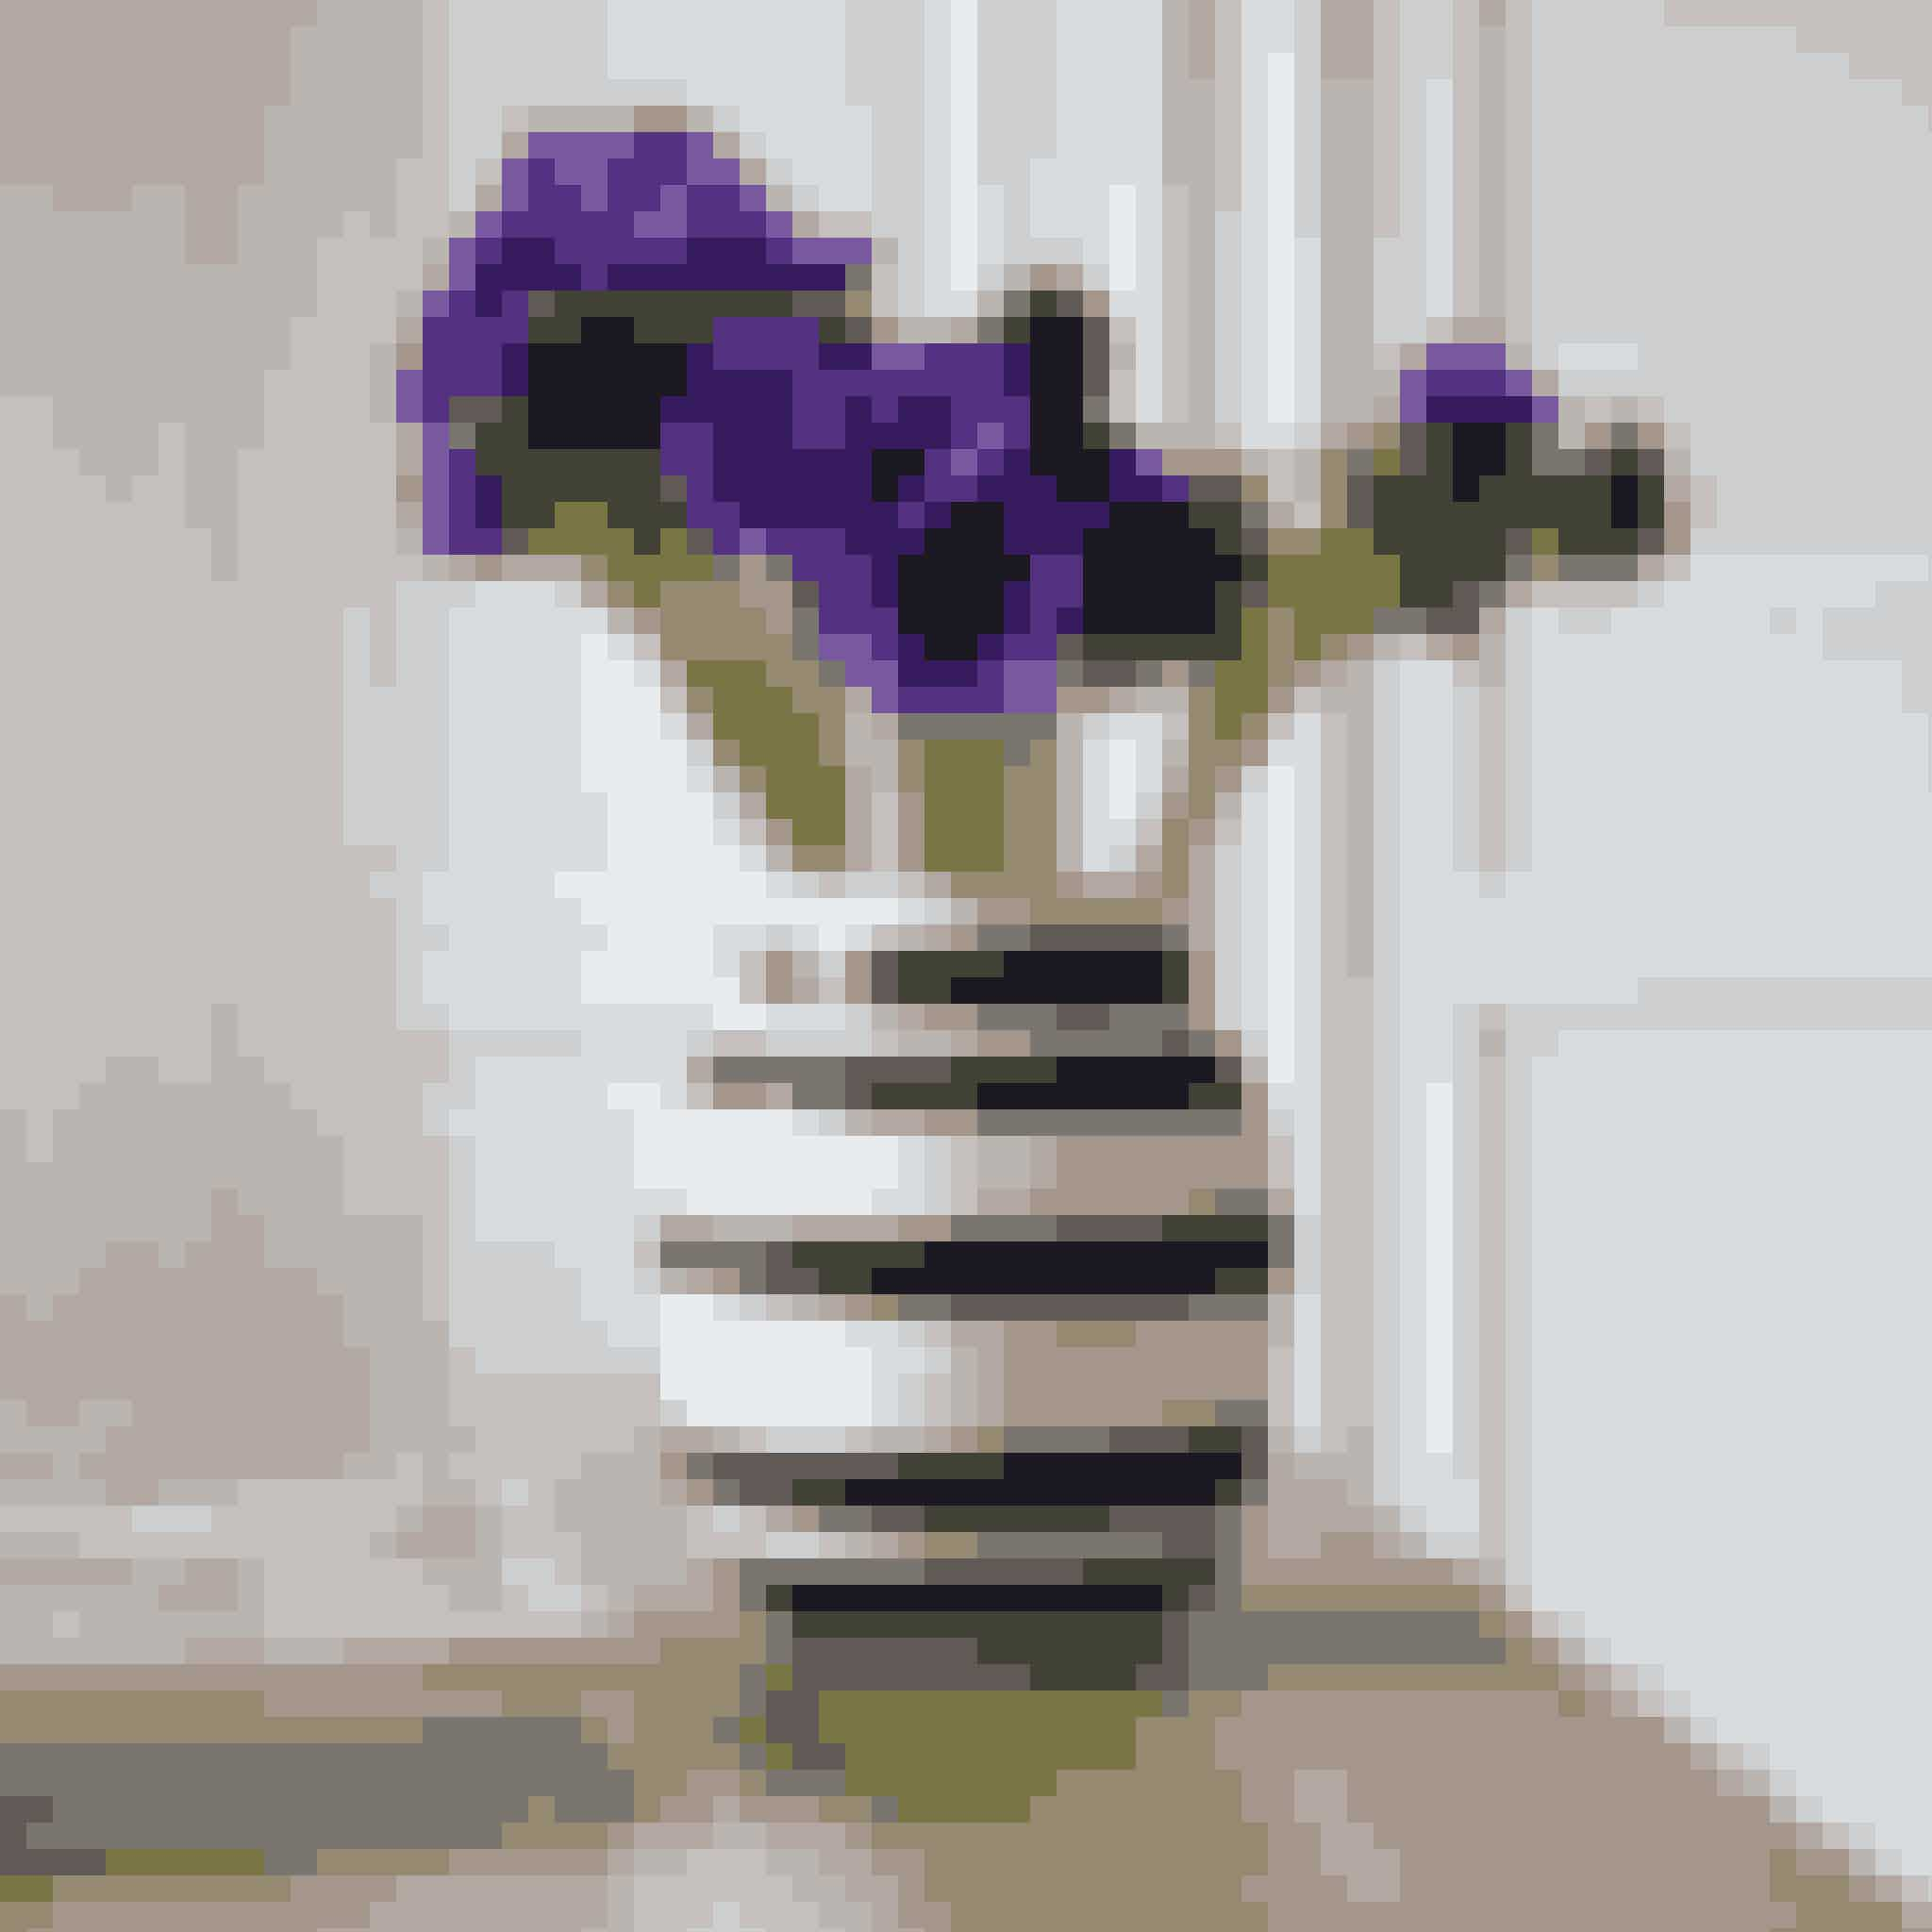 KählerTid:Torsdag 31. marts 12-20Fredag 1. april 12-20Lørdag 2. april 10-17Søndag 3. april 10-17Sted:Transportbuen 6B,4700 Næstved.OBS! Modtager kontanter og kreditkort